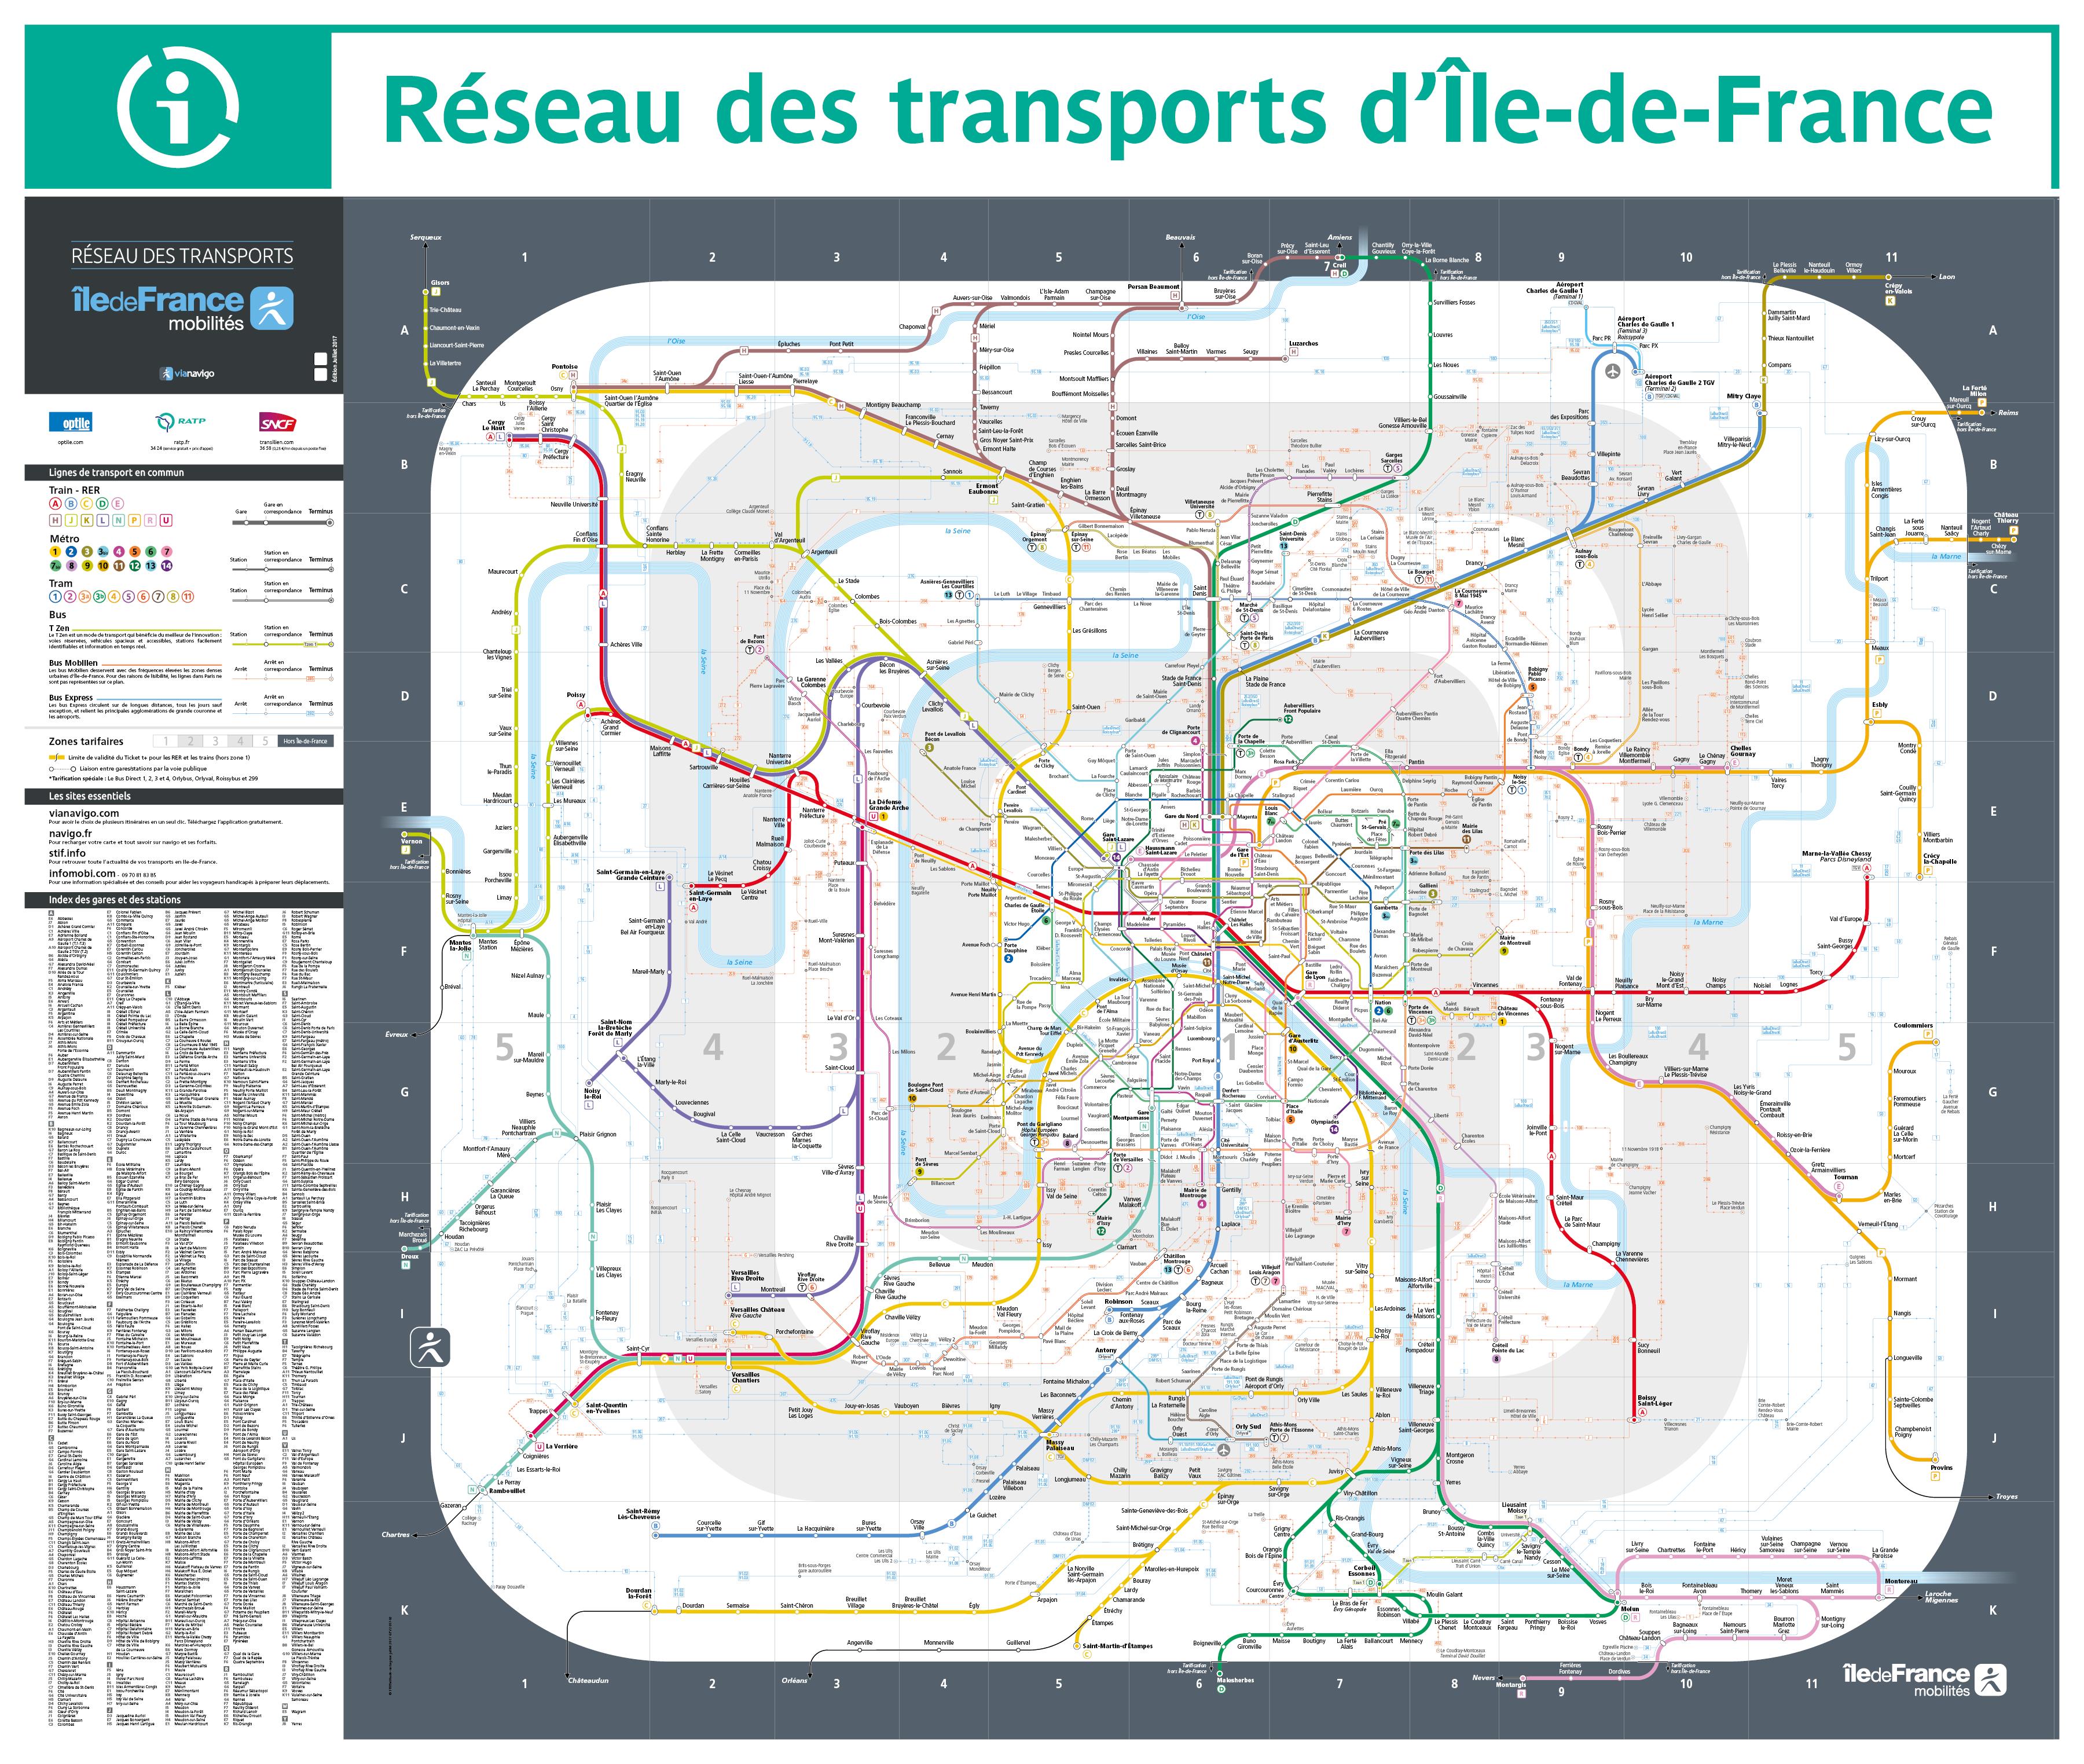 Plan Rer Et Transiliens Ile De France France Paris